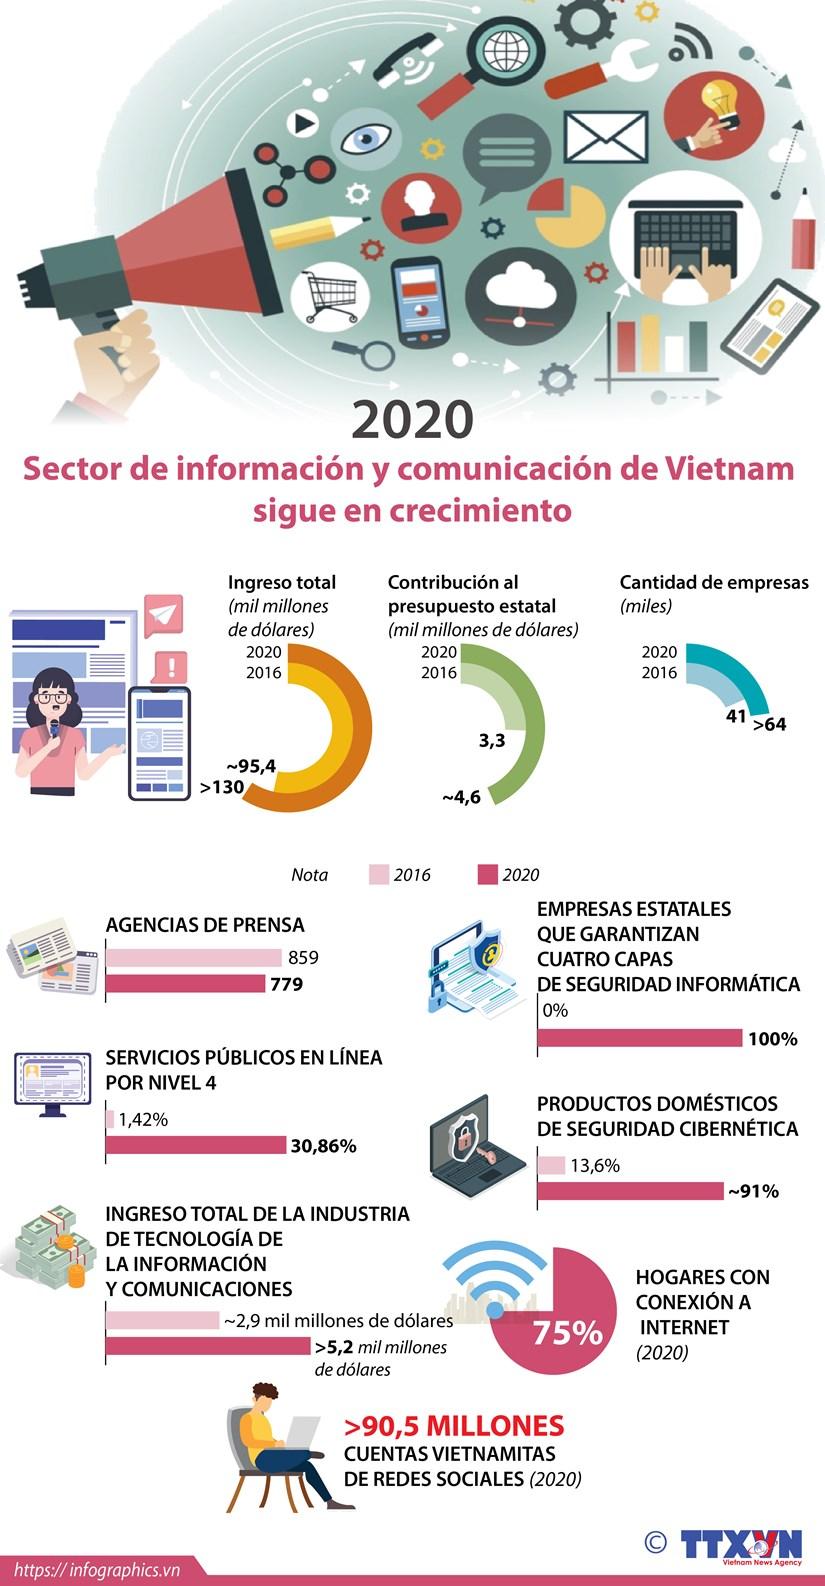 Sector de informacion y comunicacion de Vietnam sigue en crecimiento hinh anh 1